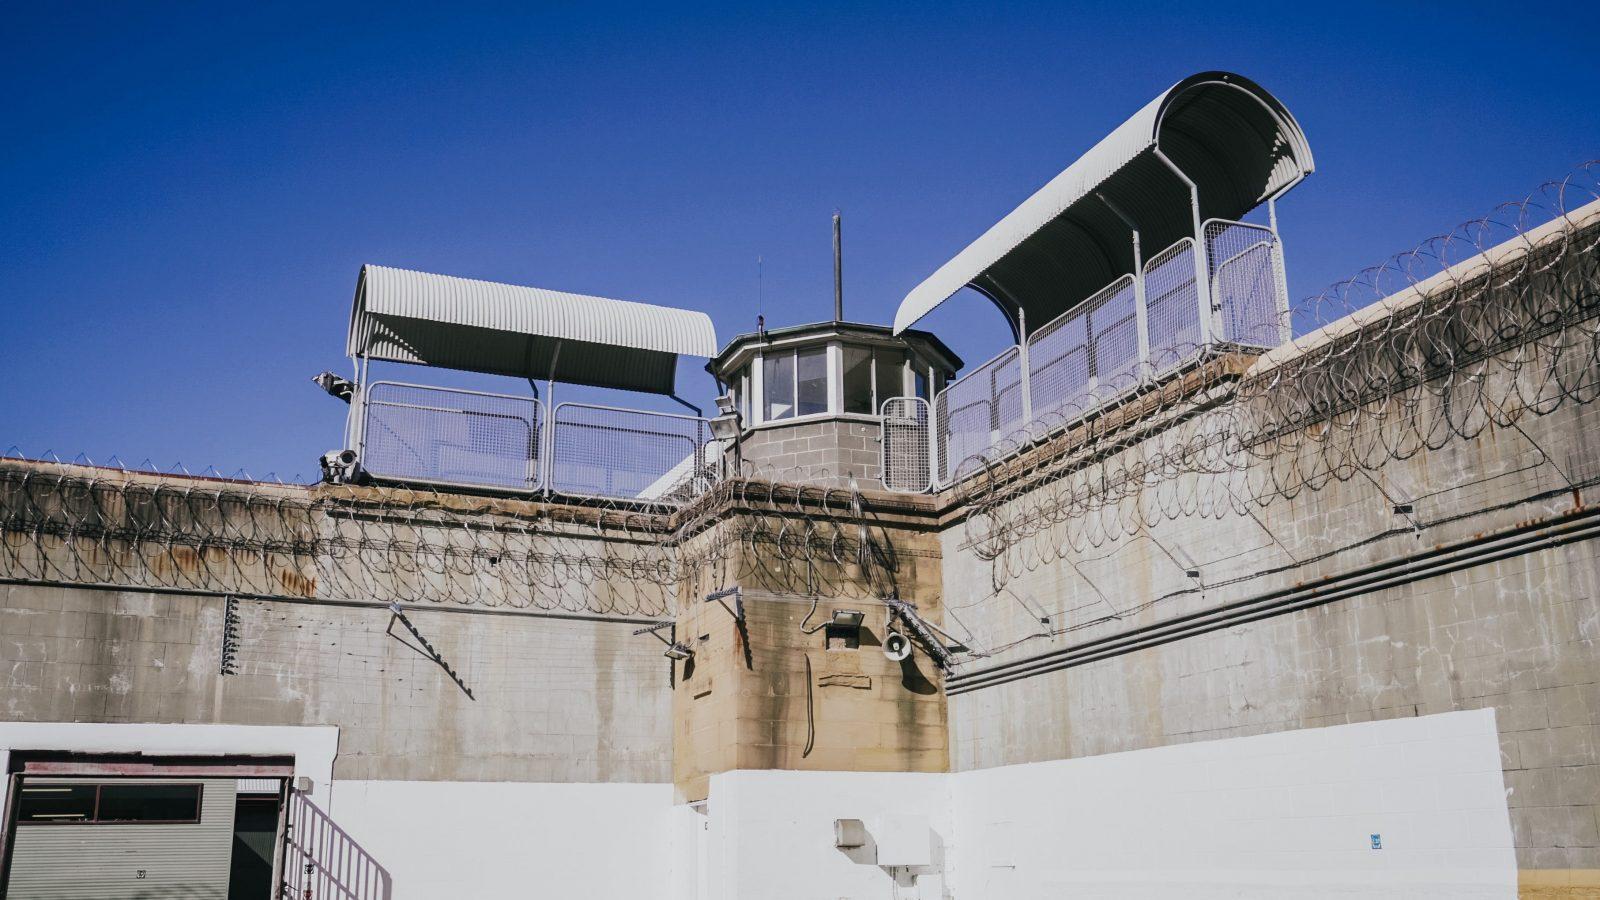 The Guard Tower at Maitland Gaol